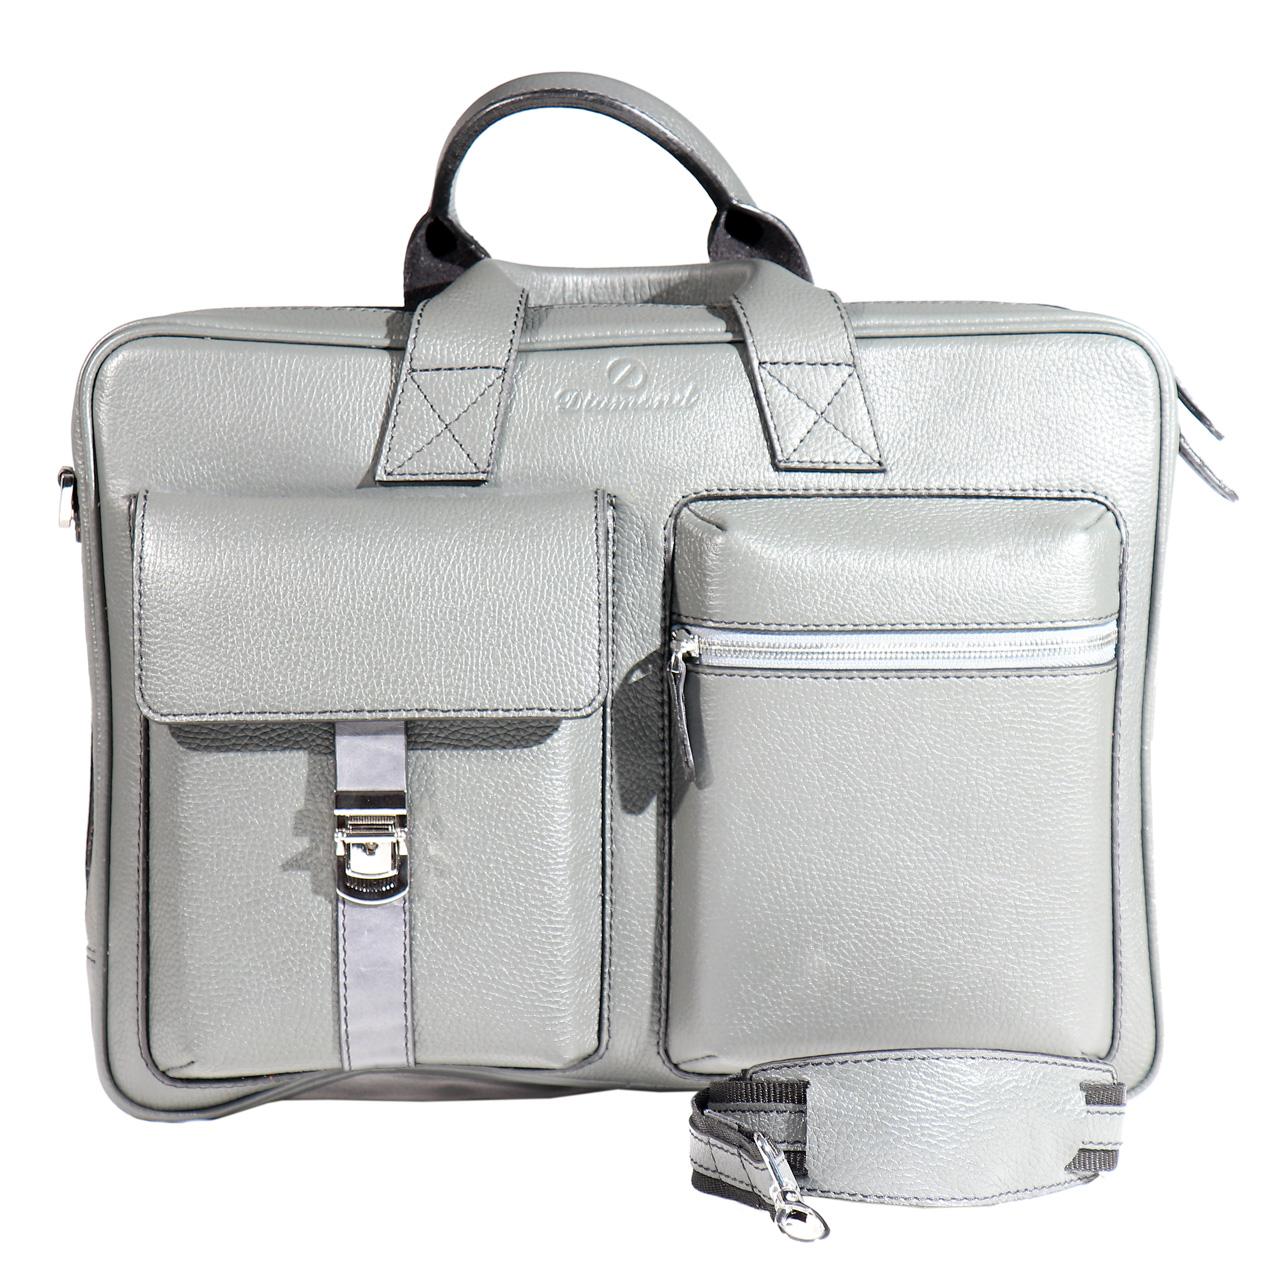 کیف اداری چرم طبیعی قفلدار مدل L8420